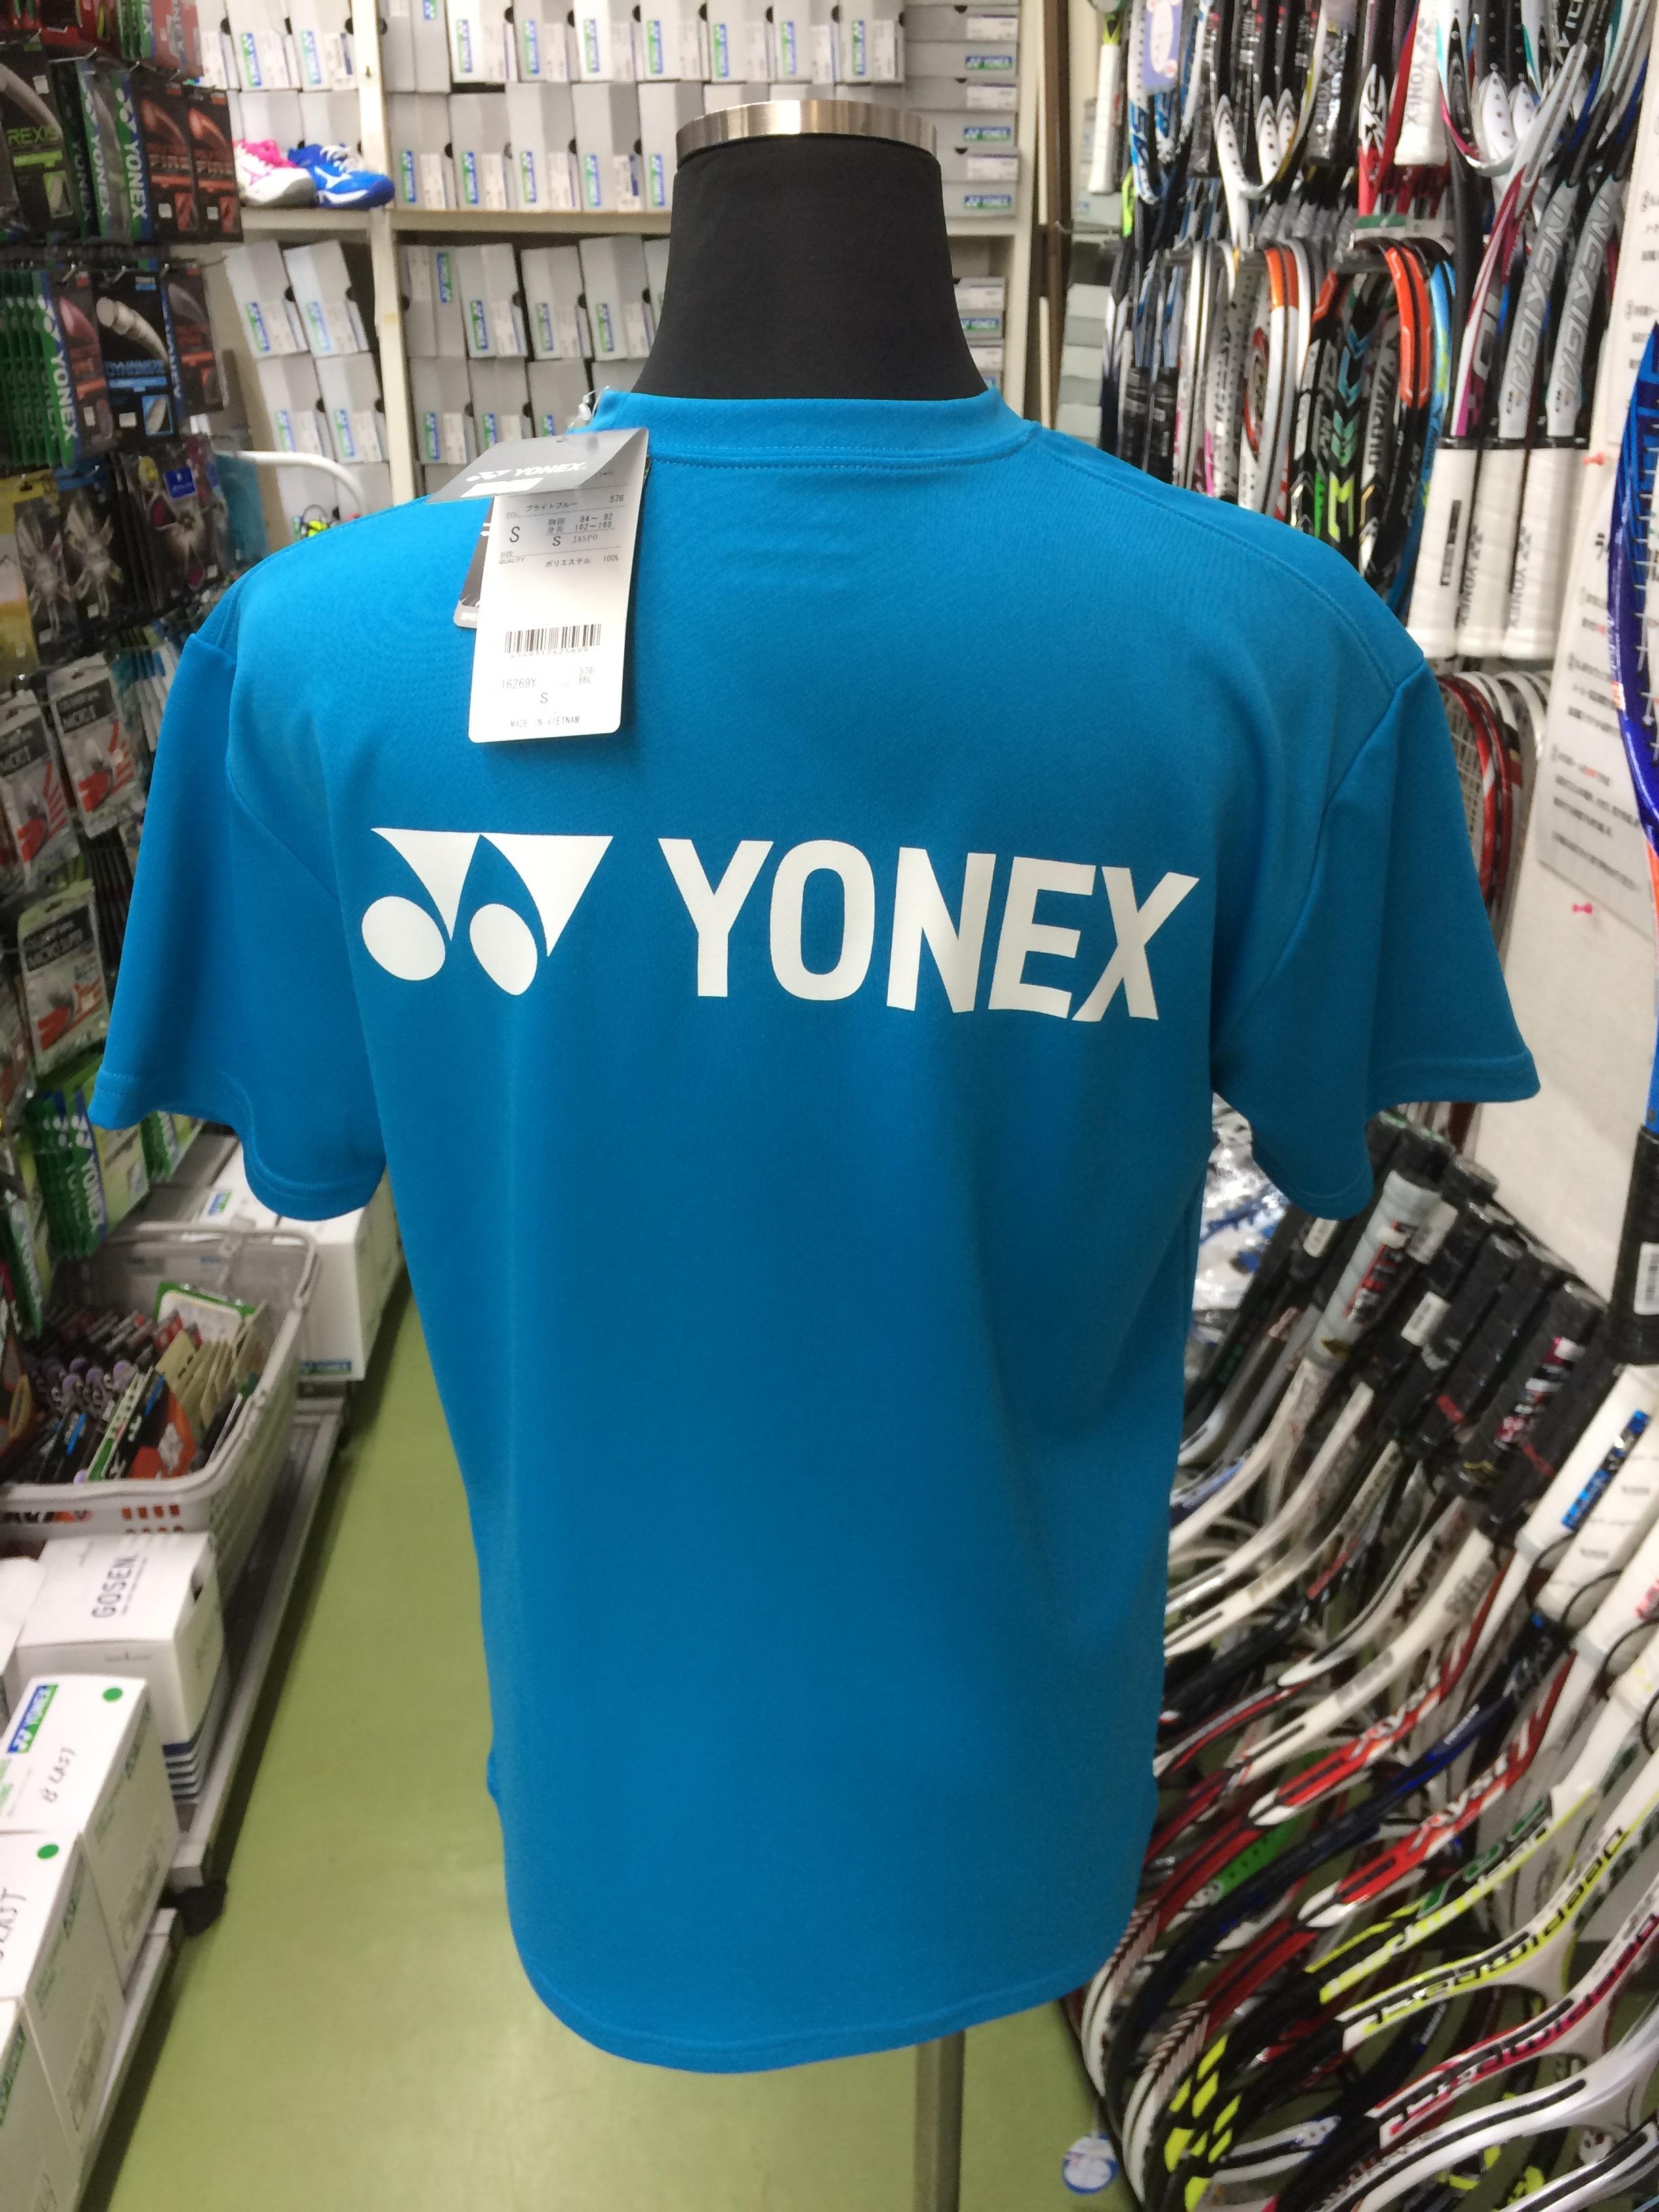 ヨネックス ユニTシャツ 16269Y - 画像2